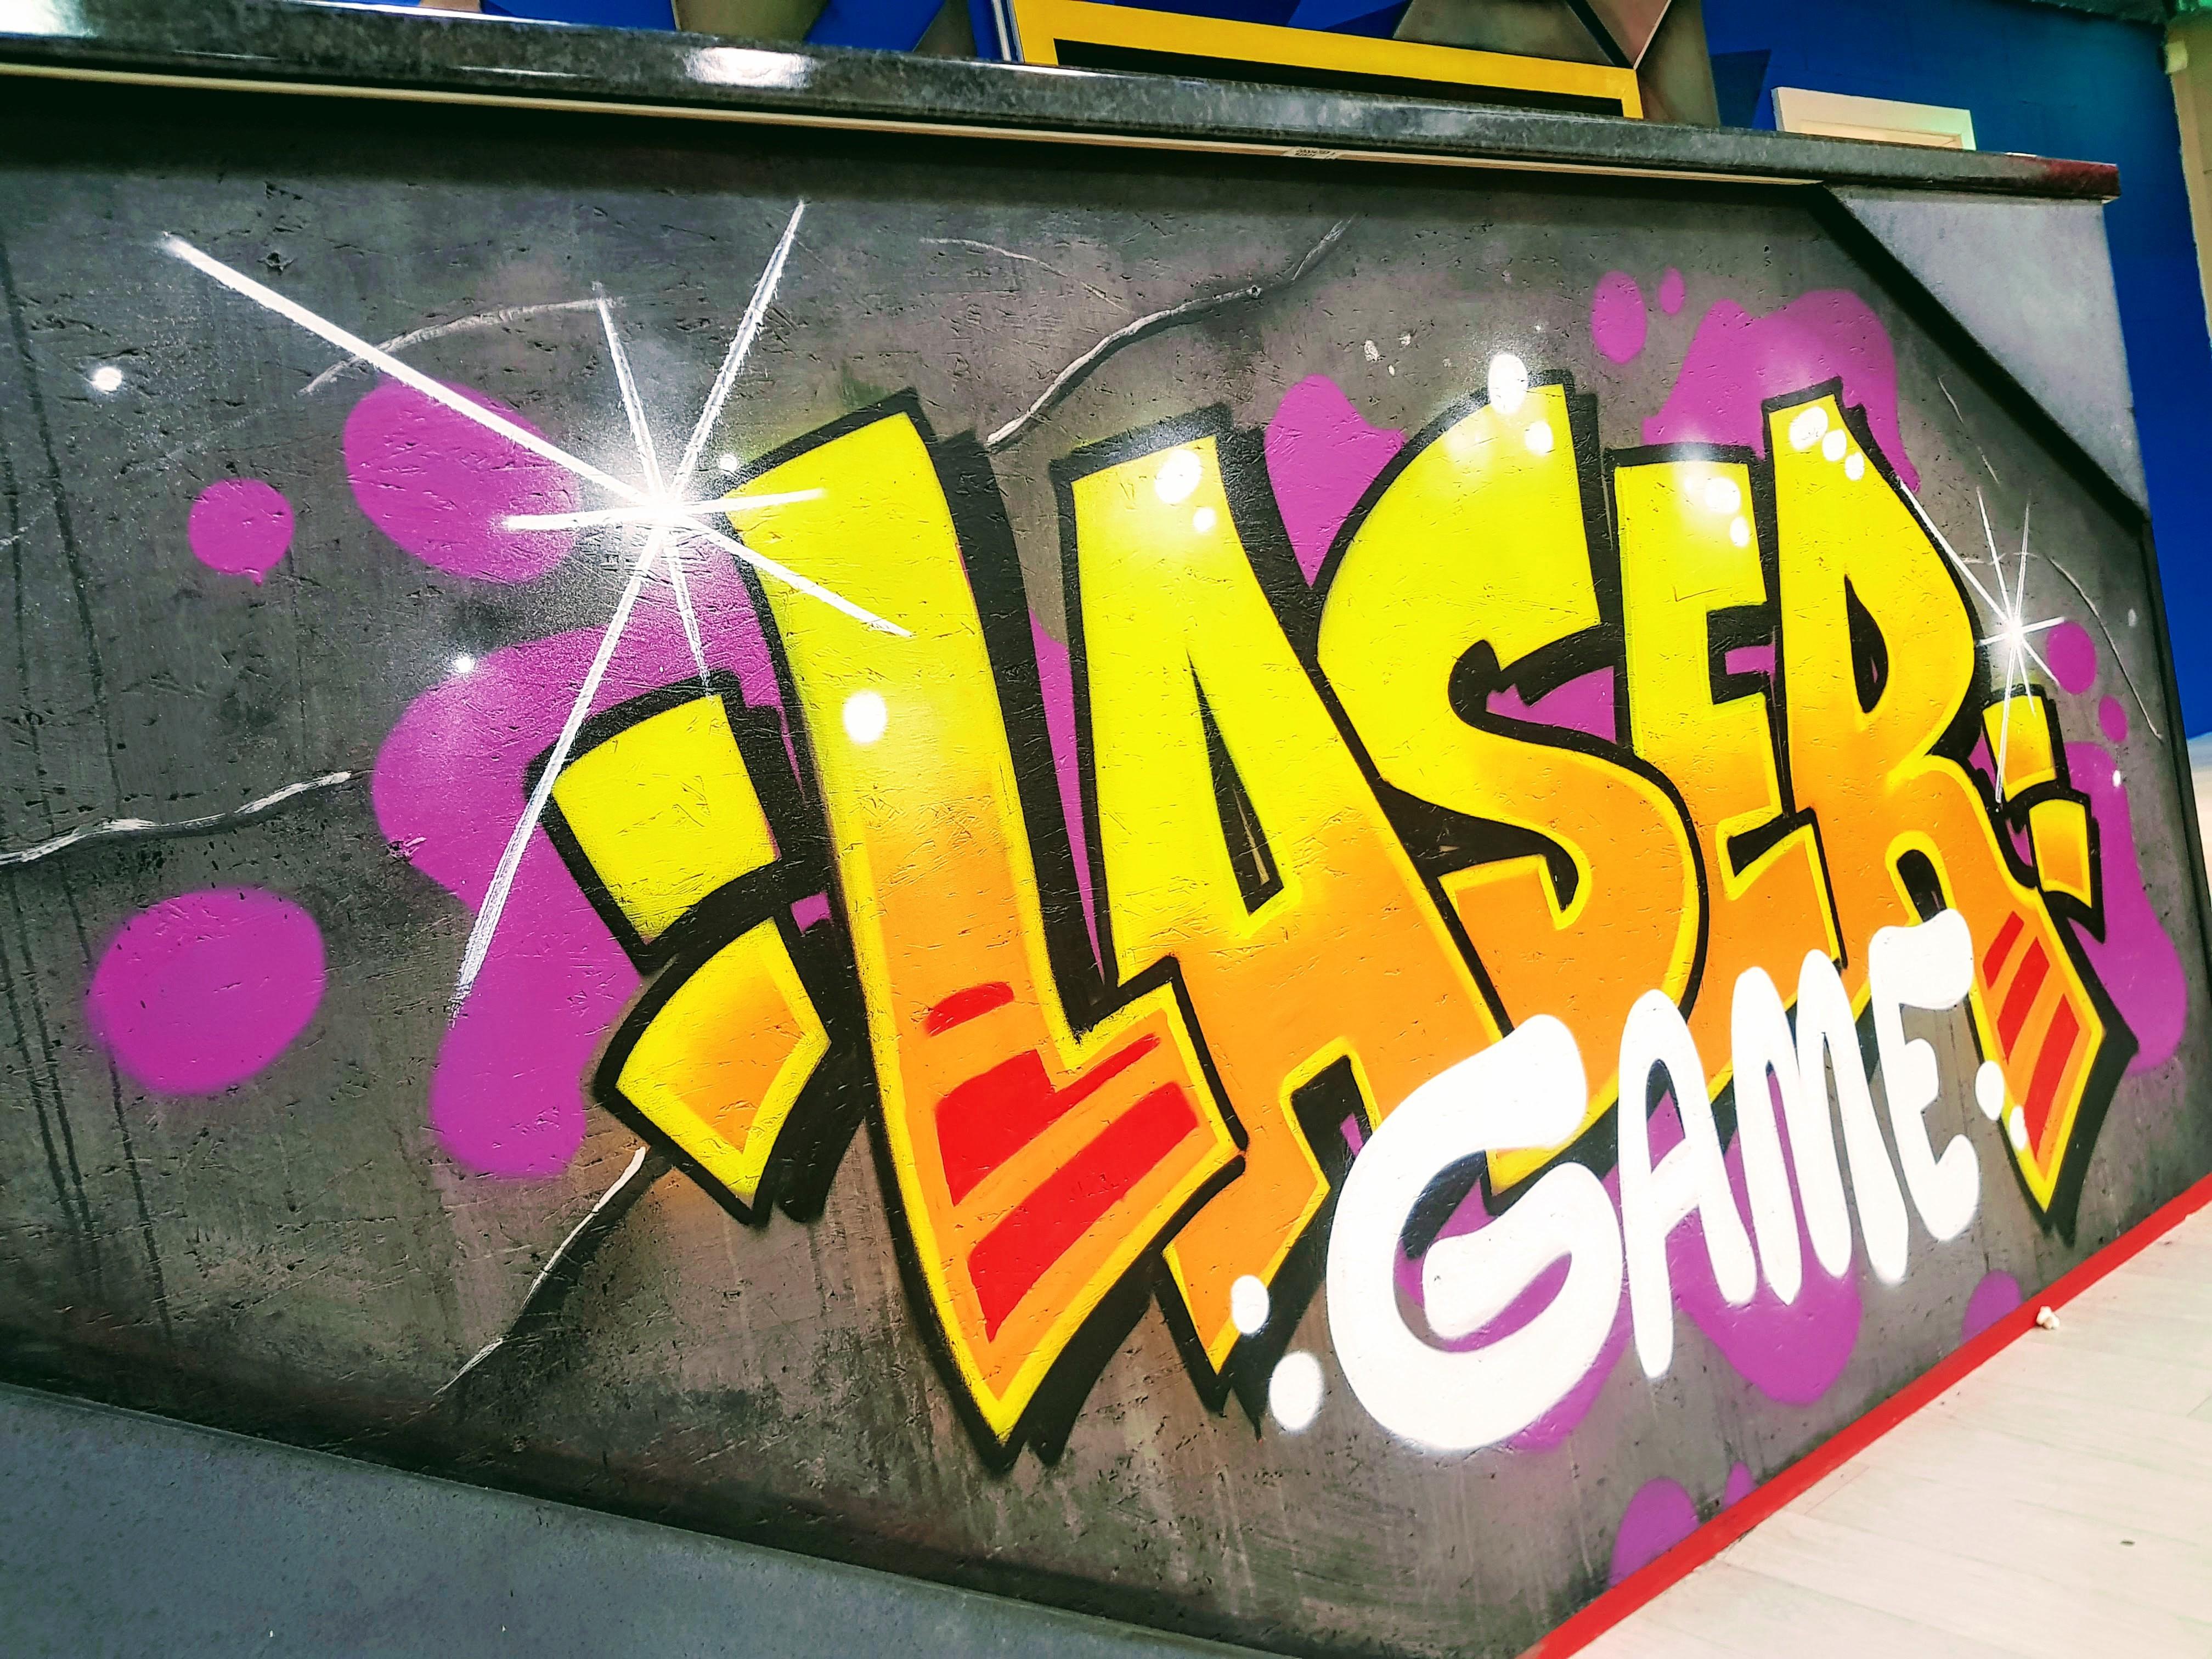 Laser Games - JayLand Gland